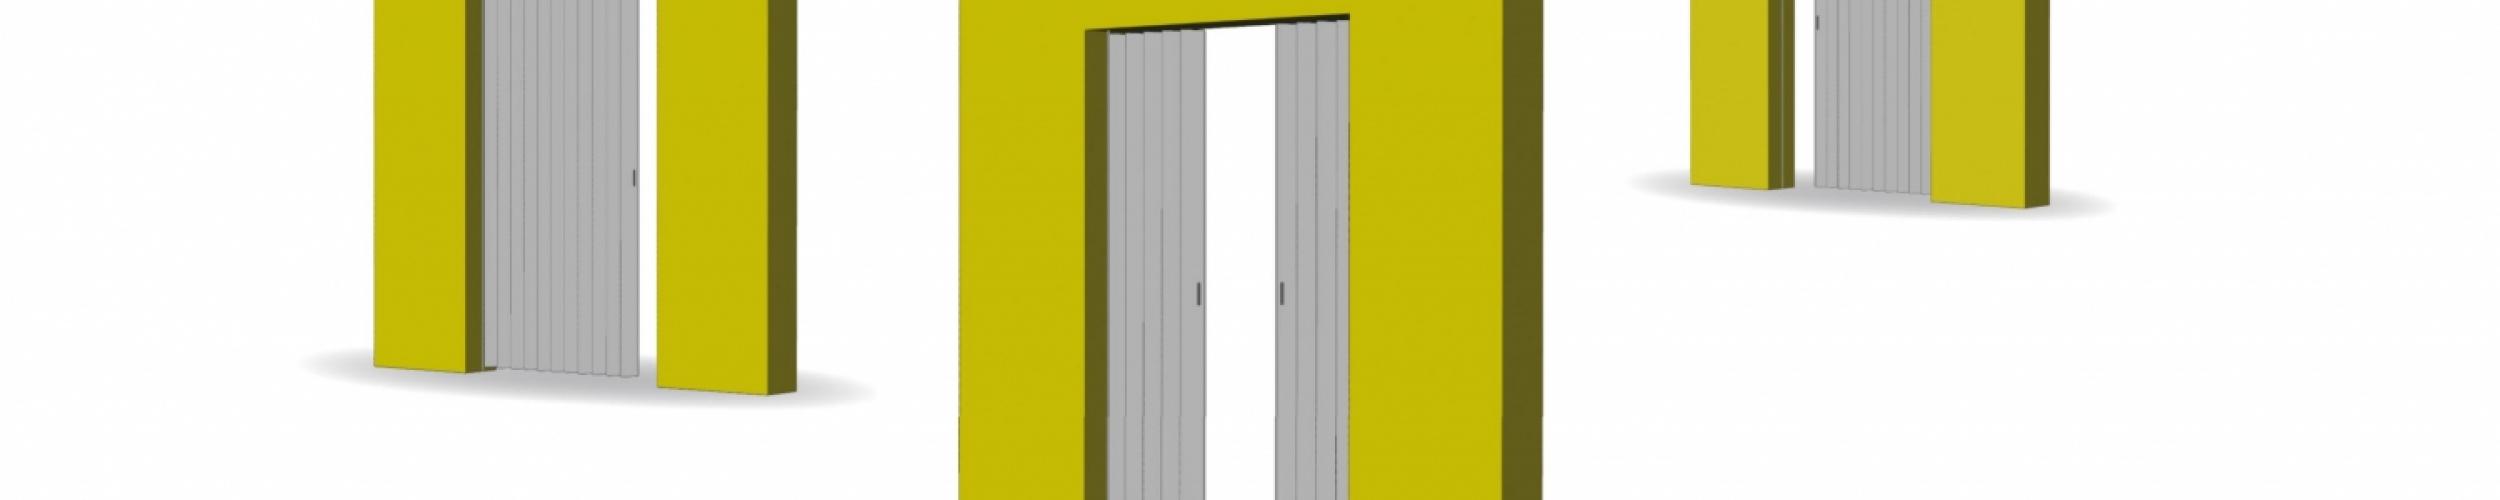 Folding door types